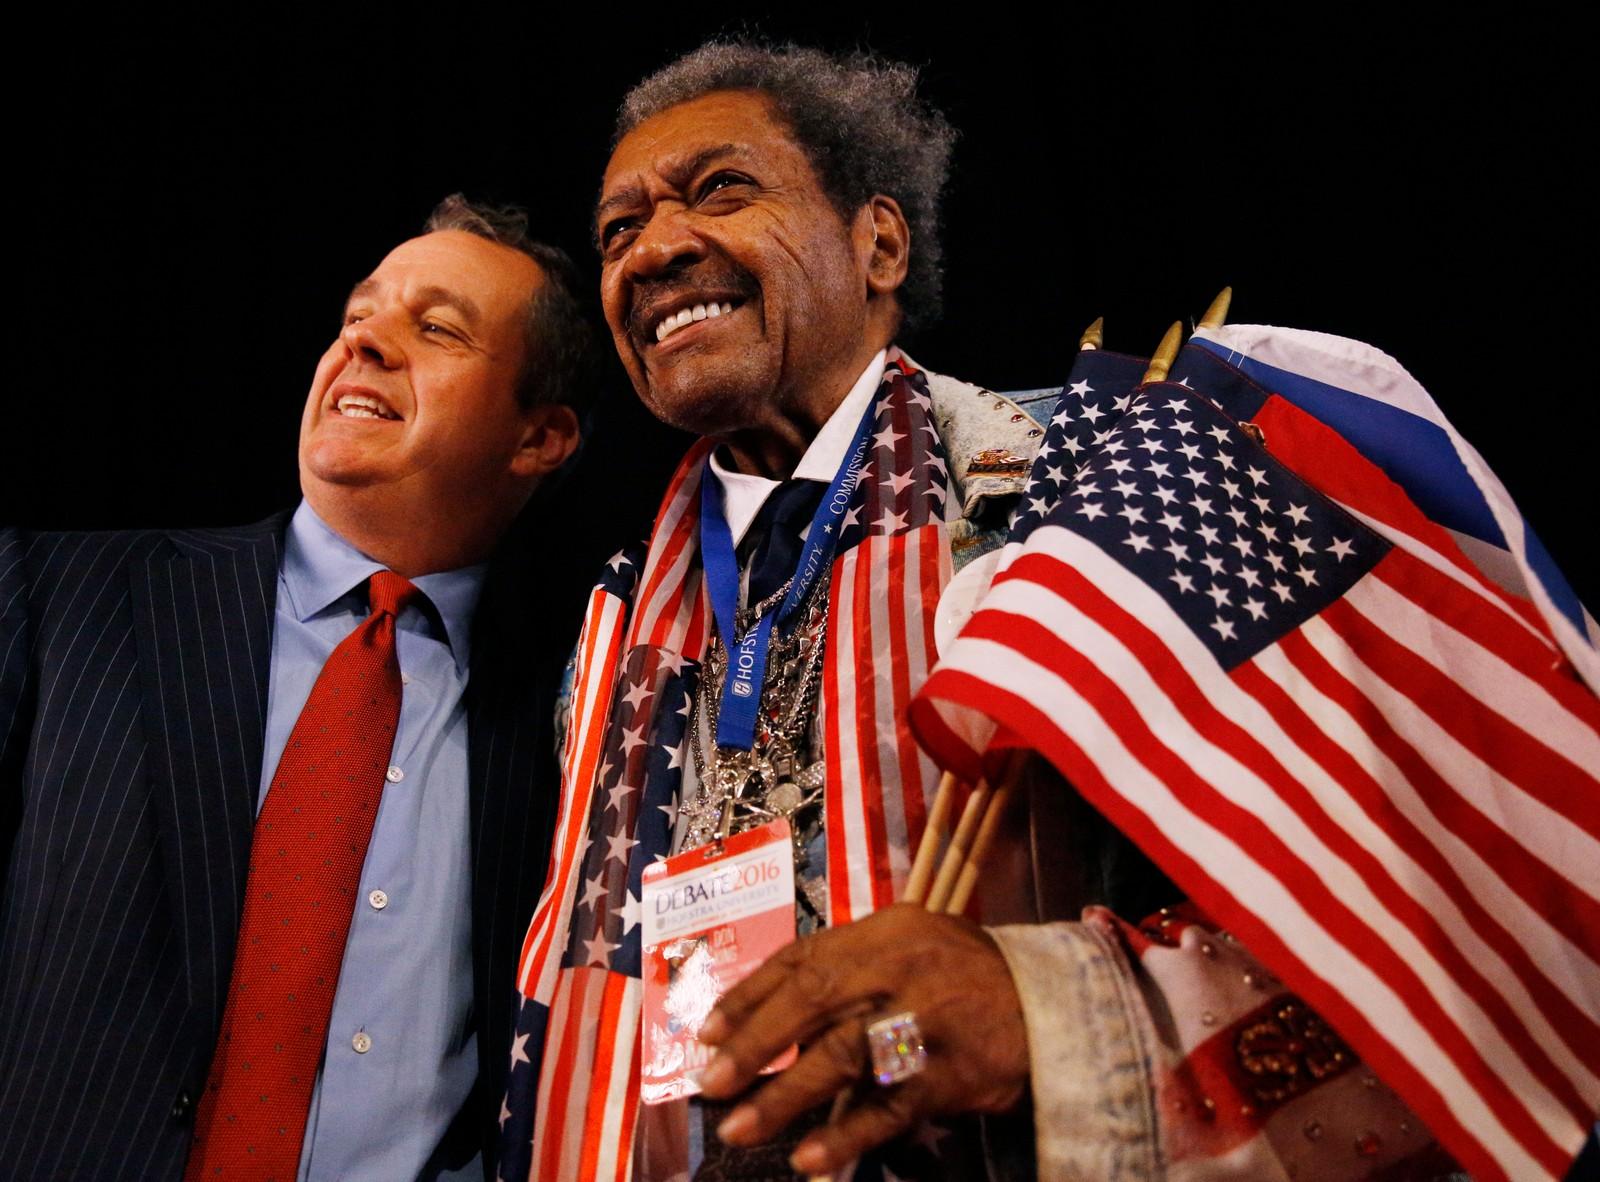 Boksepromotør Don King møtte opp for å se kampen ringside. Her poserer han med en annen tilskuer.